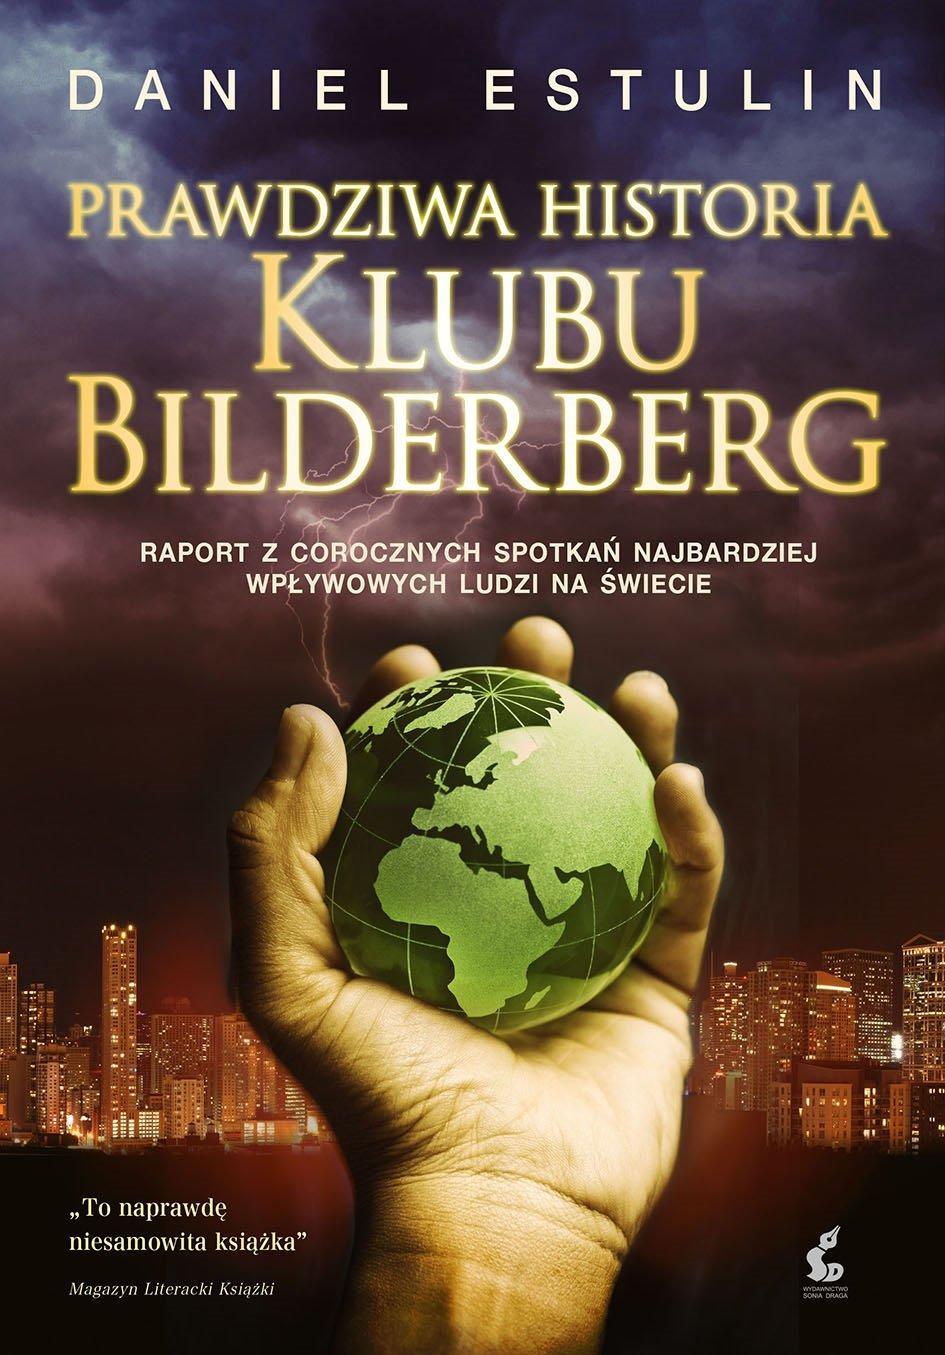 Prawdziwa historia Klubu Bilderberga - Ebook (Książka EPUB) do pobrania w formacie EPUB